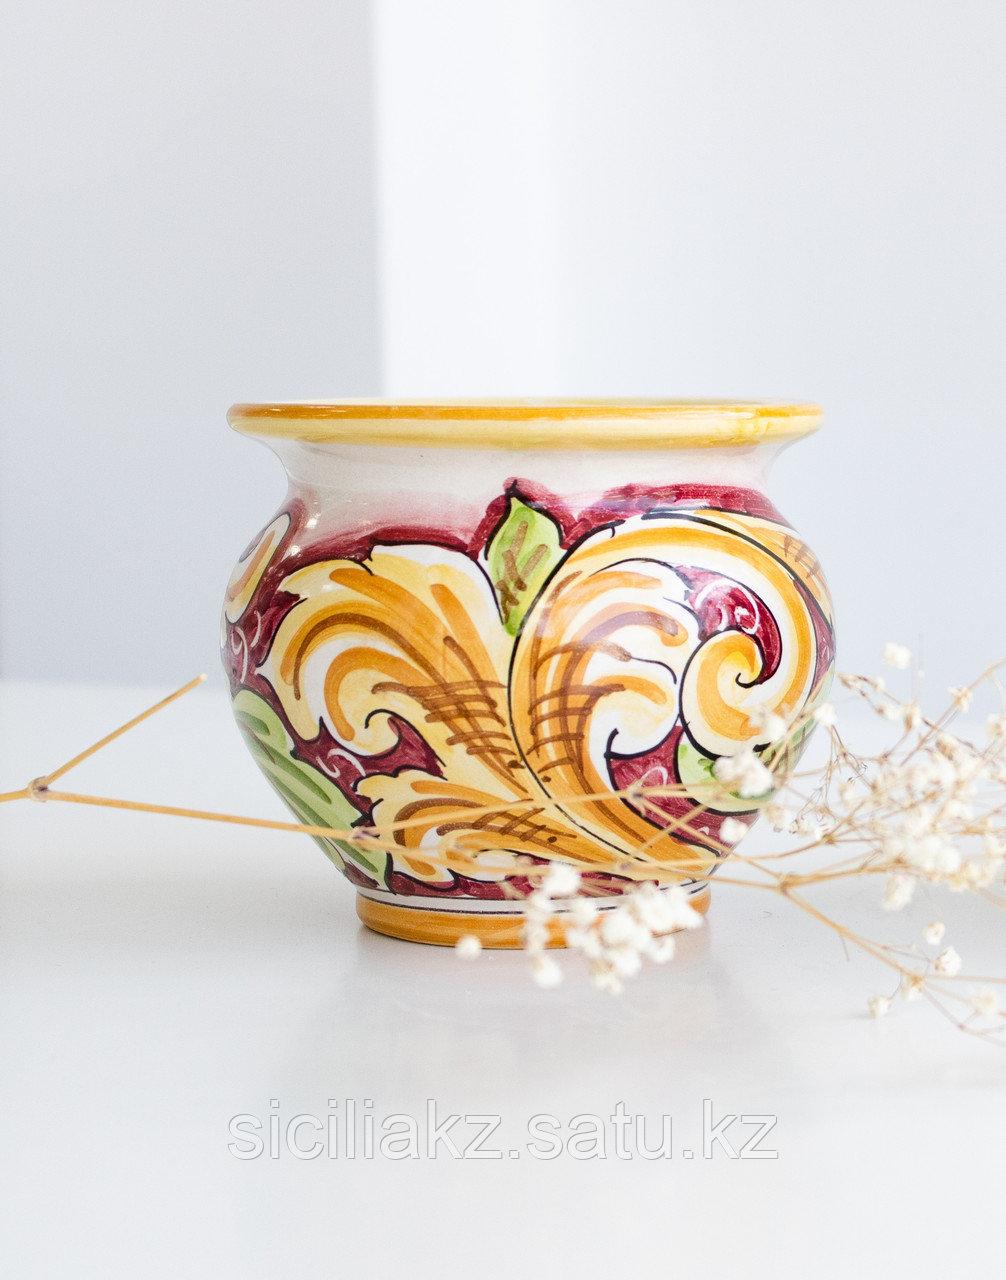 Ваза-горшок(круглая) ручной работы, керамика. Италия - фото 2